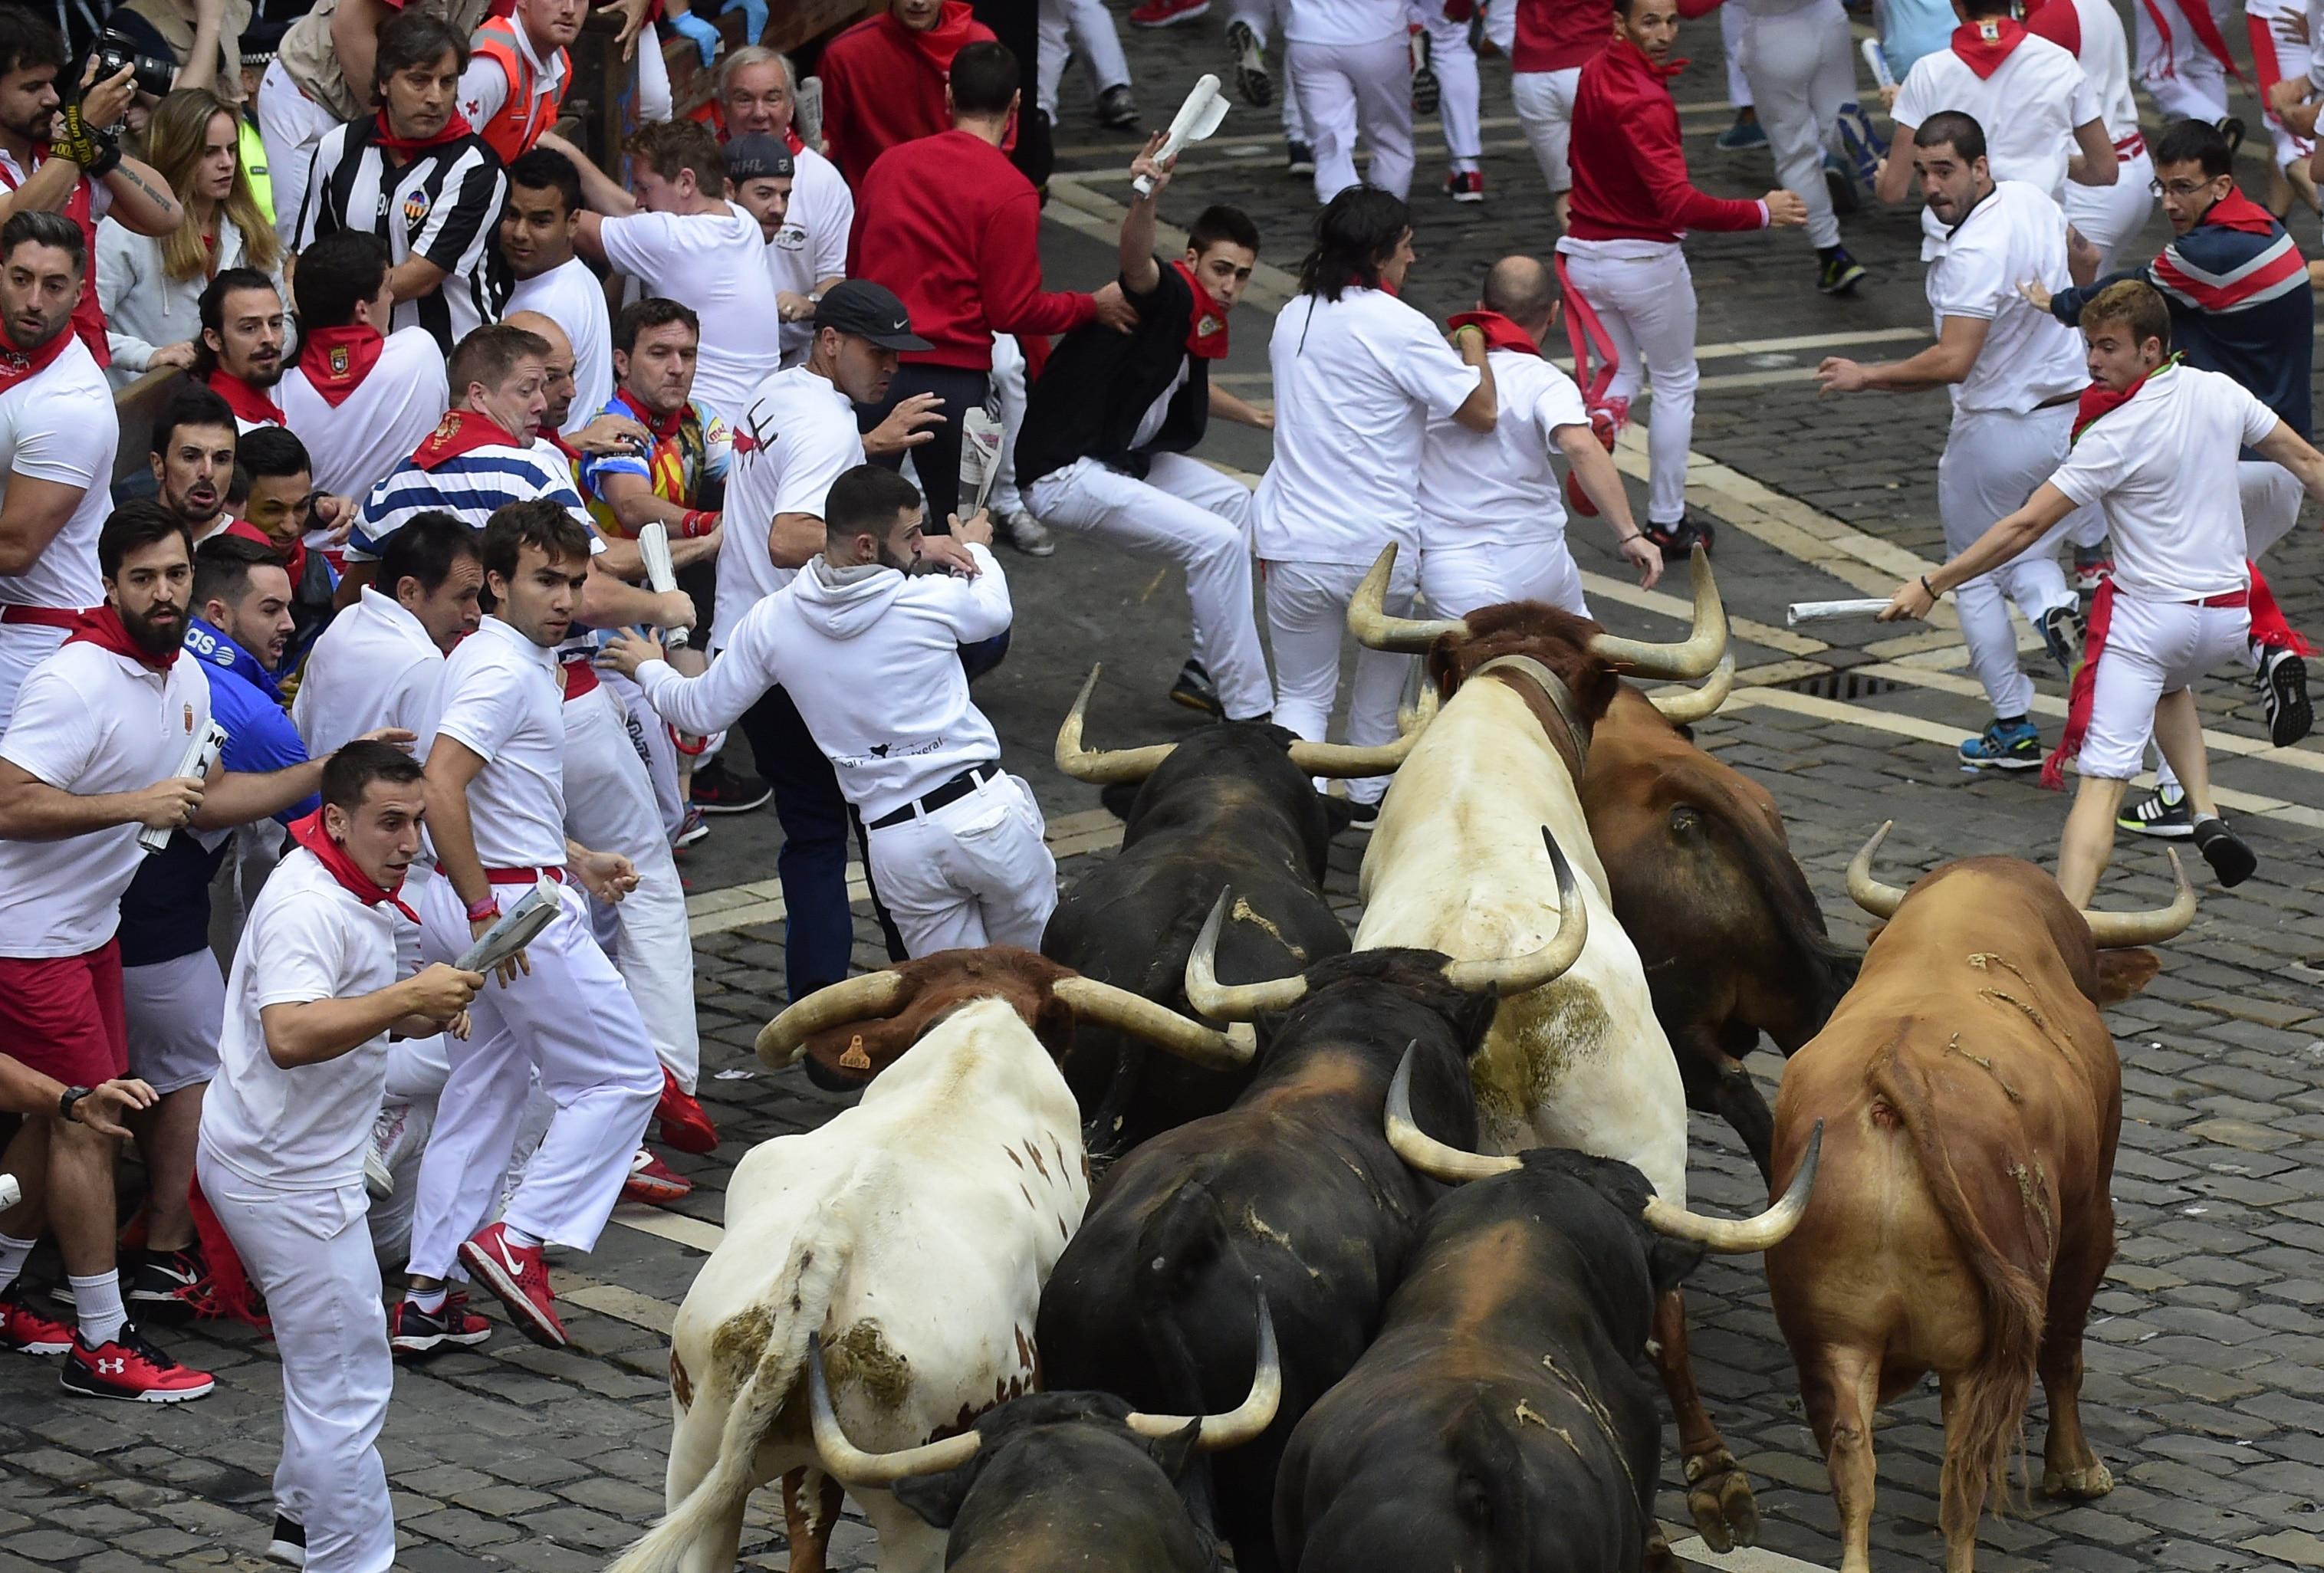 La Corsa Dei Tori Di Pamplona 6 14 Luglio 2018 Quello Che Cè Da